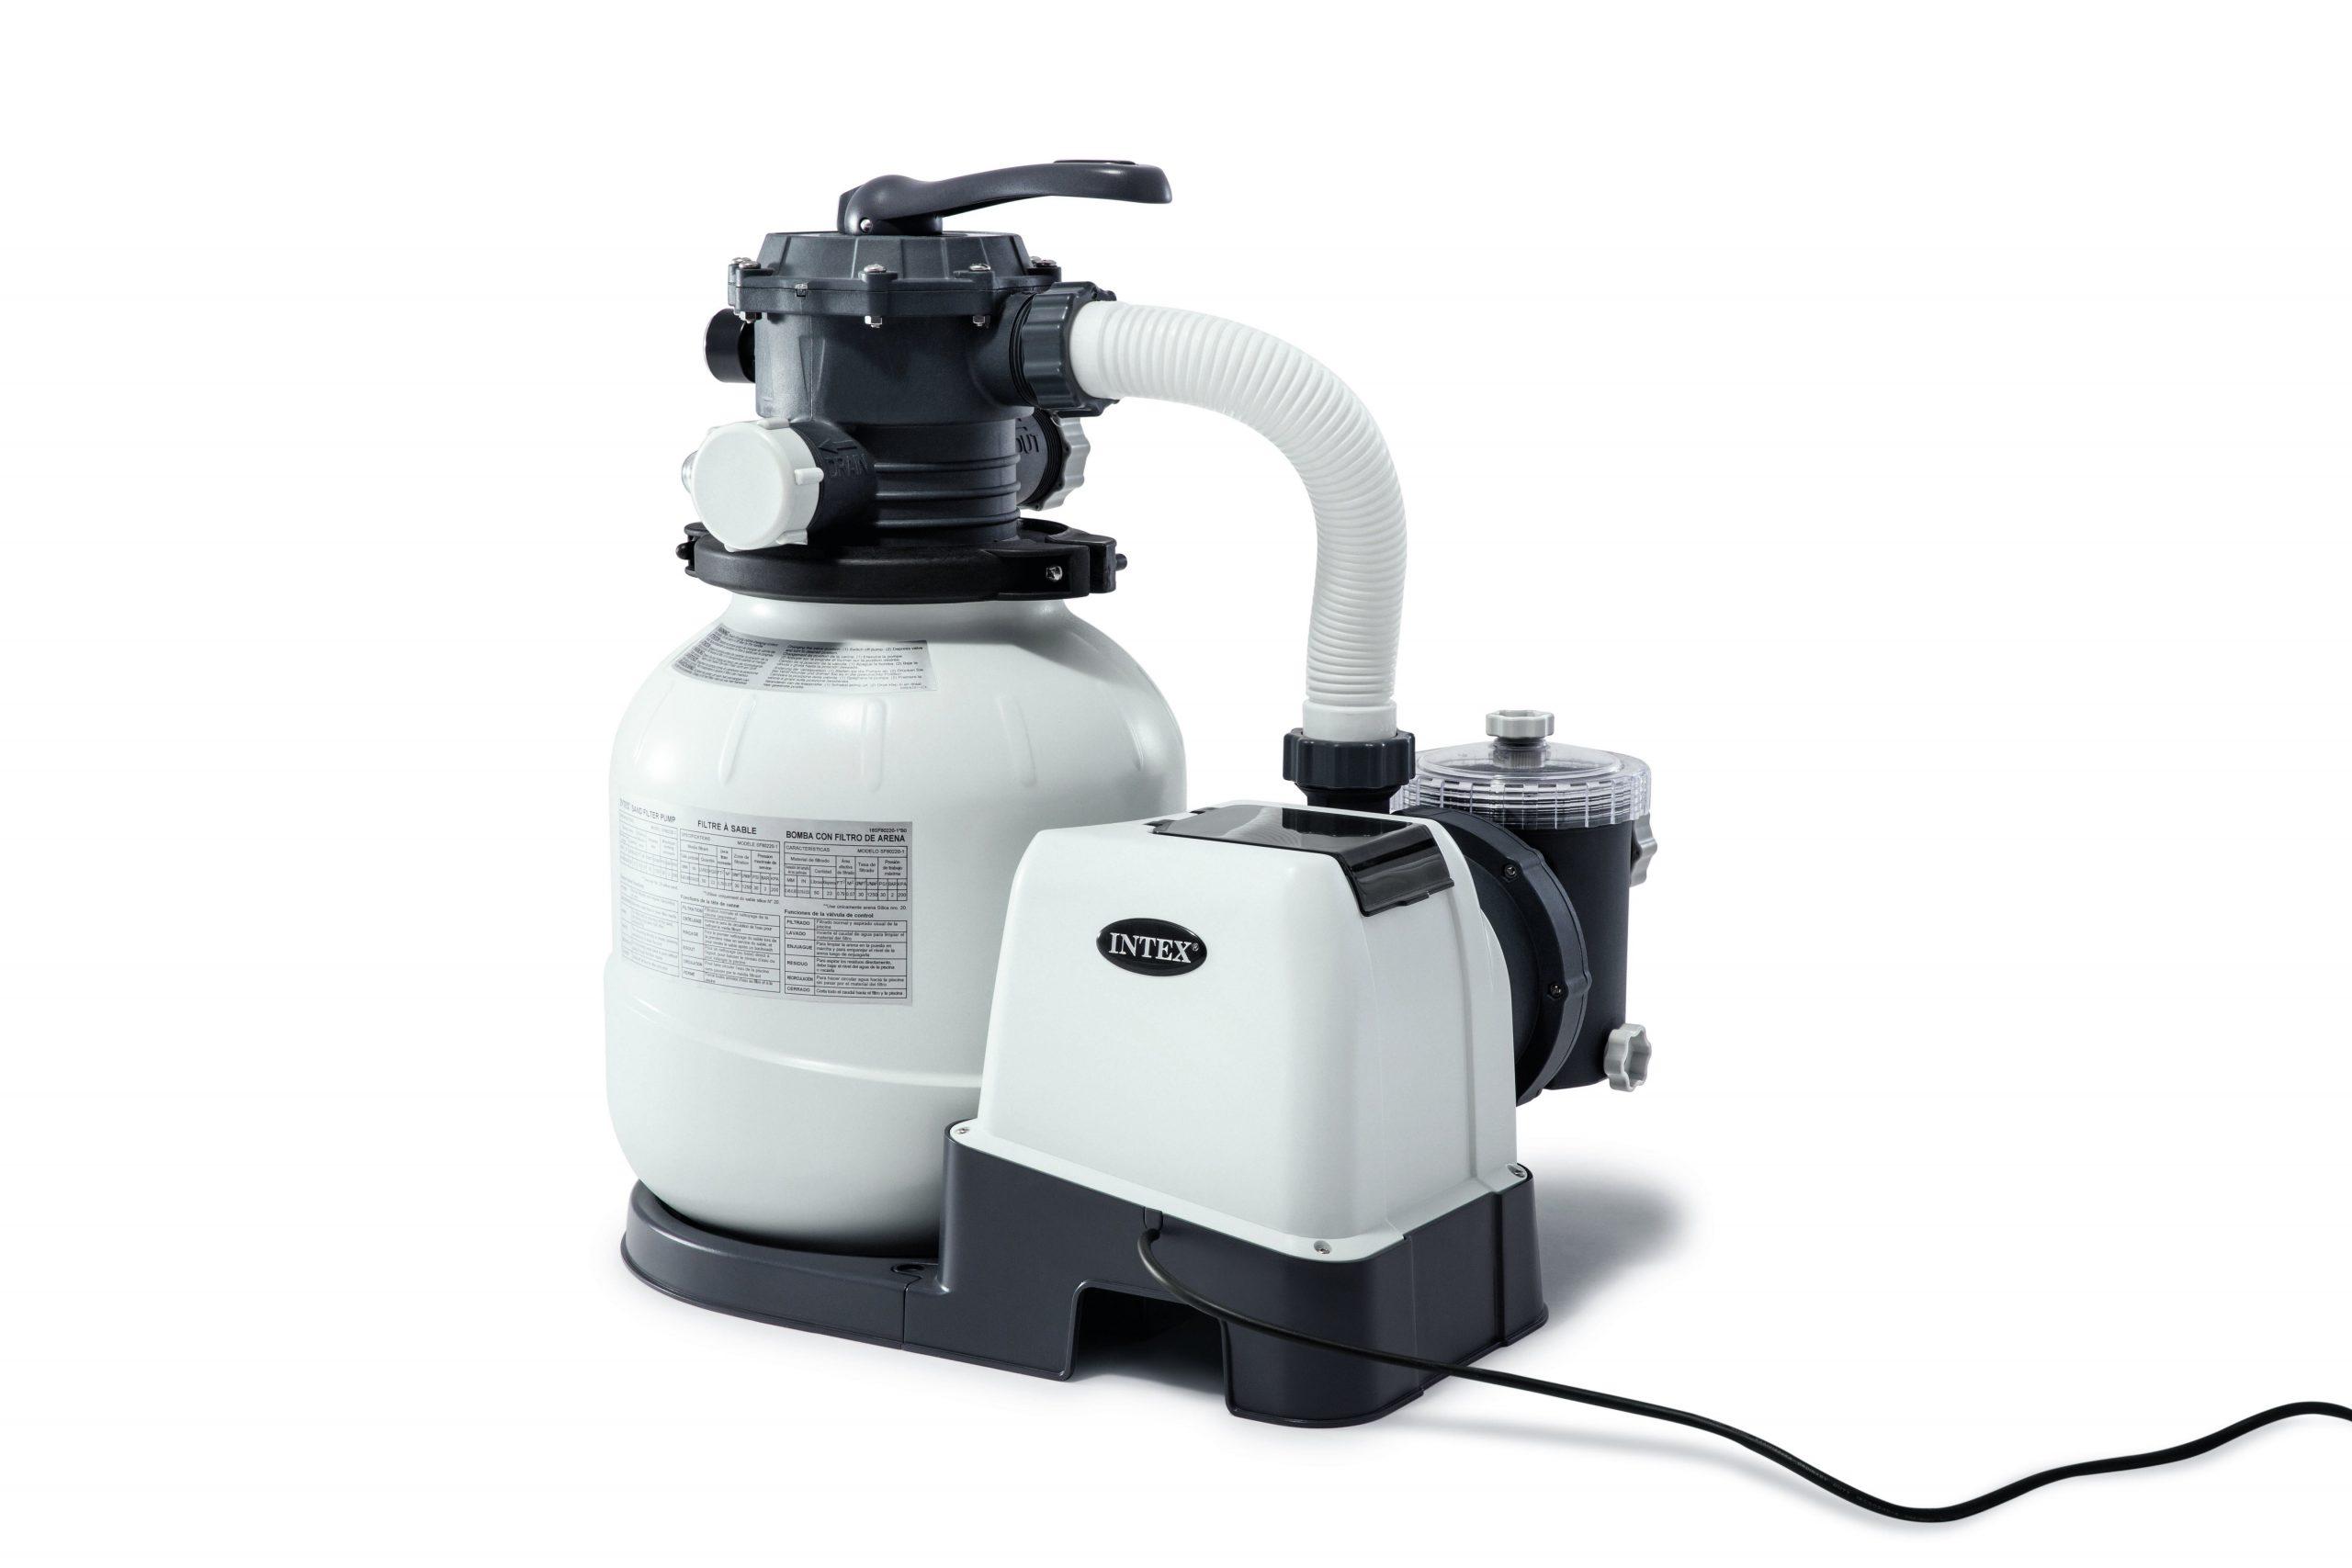 Filtre À Sable Pour Piscine Intex 6 M³/h concernant Pompe Piscine Intex Leroy Merlin